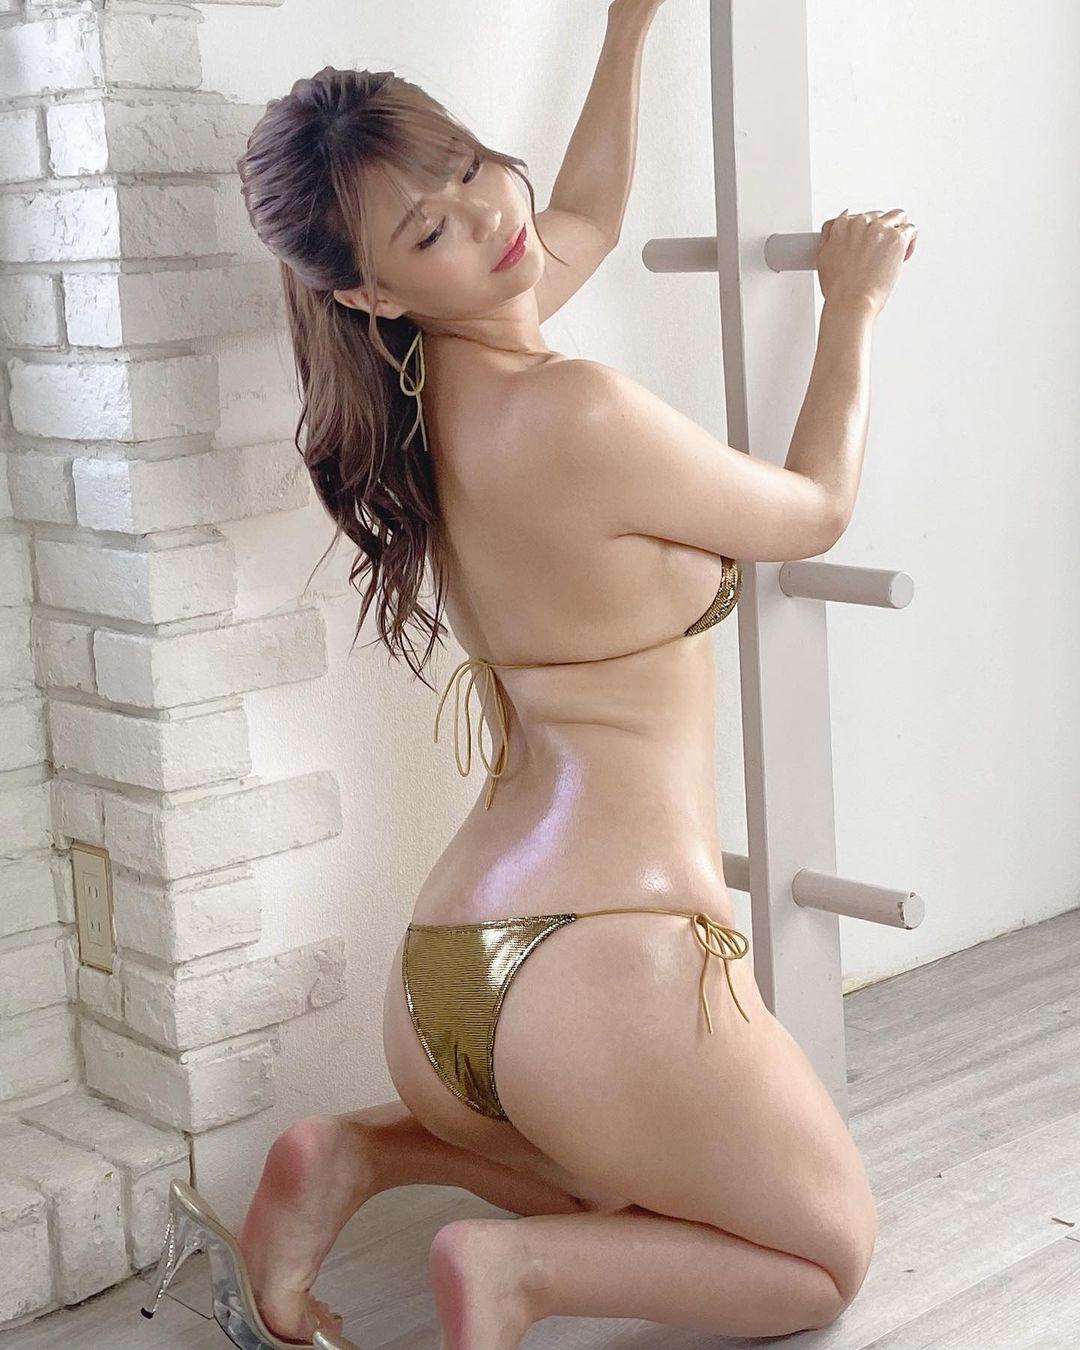 「ムッチリボディーで良い身体」「サイコー」ゴールドビキニショットで美背中を披露【阿久津真央さん/2021年9月8日】